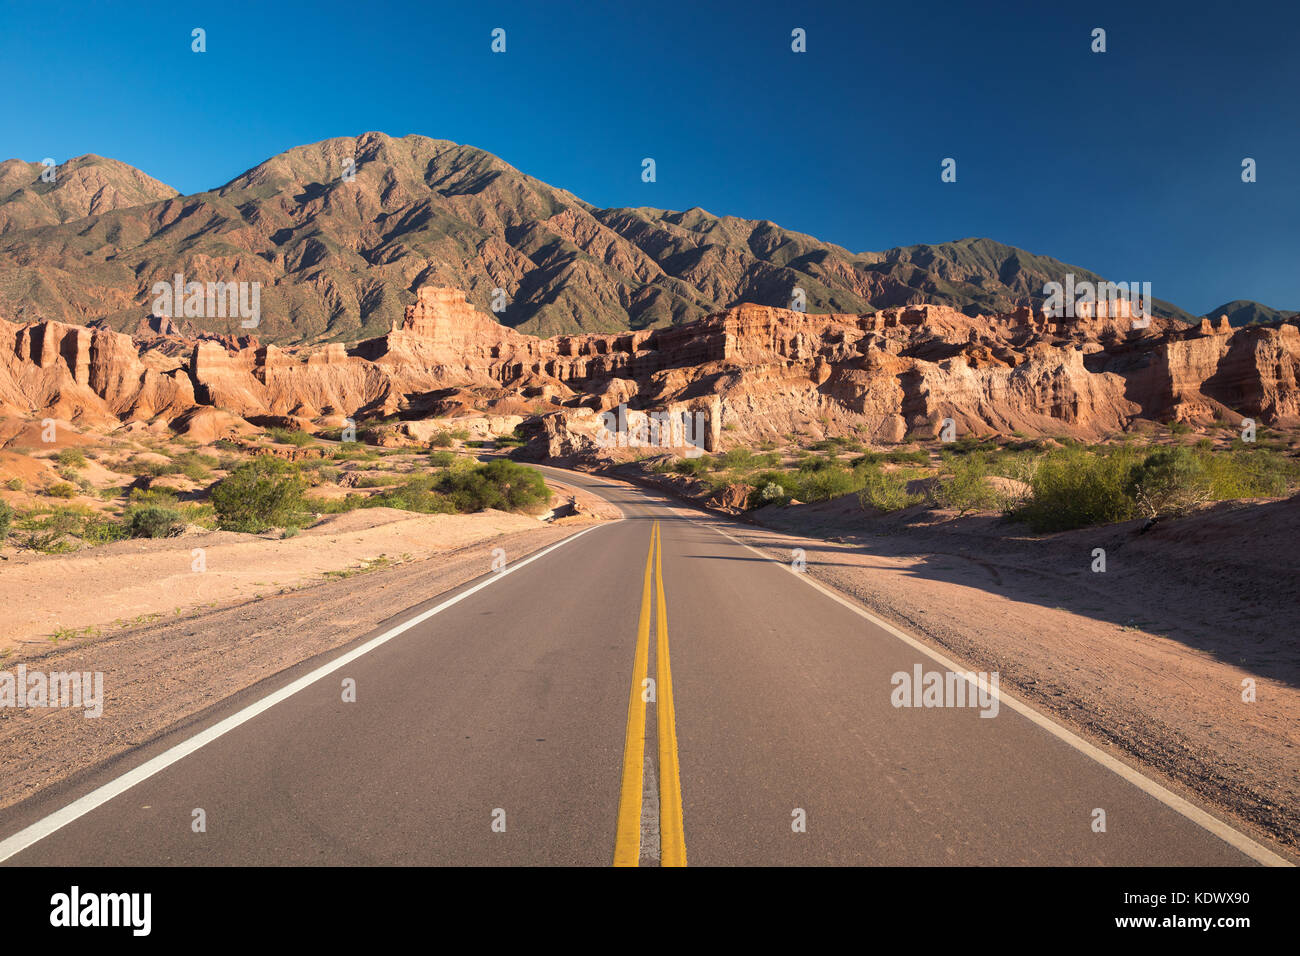 La strada verso il basso la quebrada de la conches, Valles Calchaquies, provincia di Salta, Argentina Immagini Stock